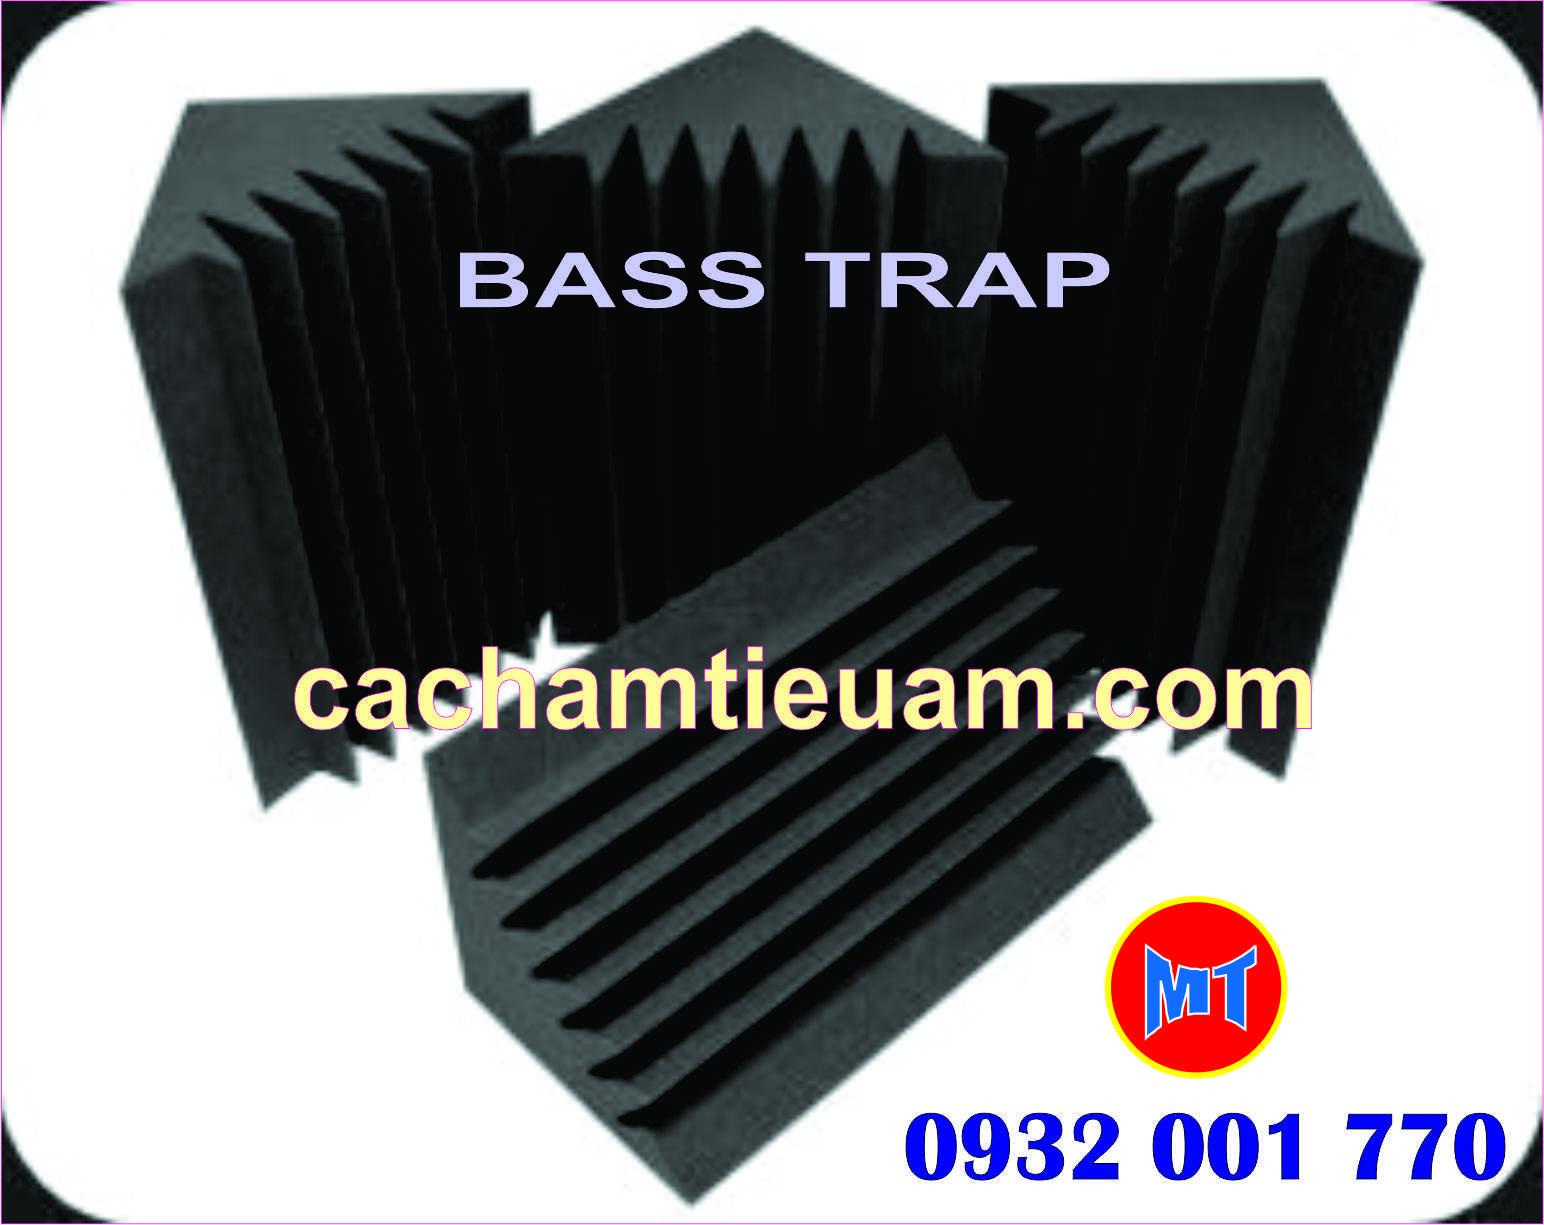 hình ảnh sản phẩm Bass trap studio foam - Mút tiêu âm góc